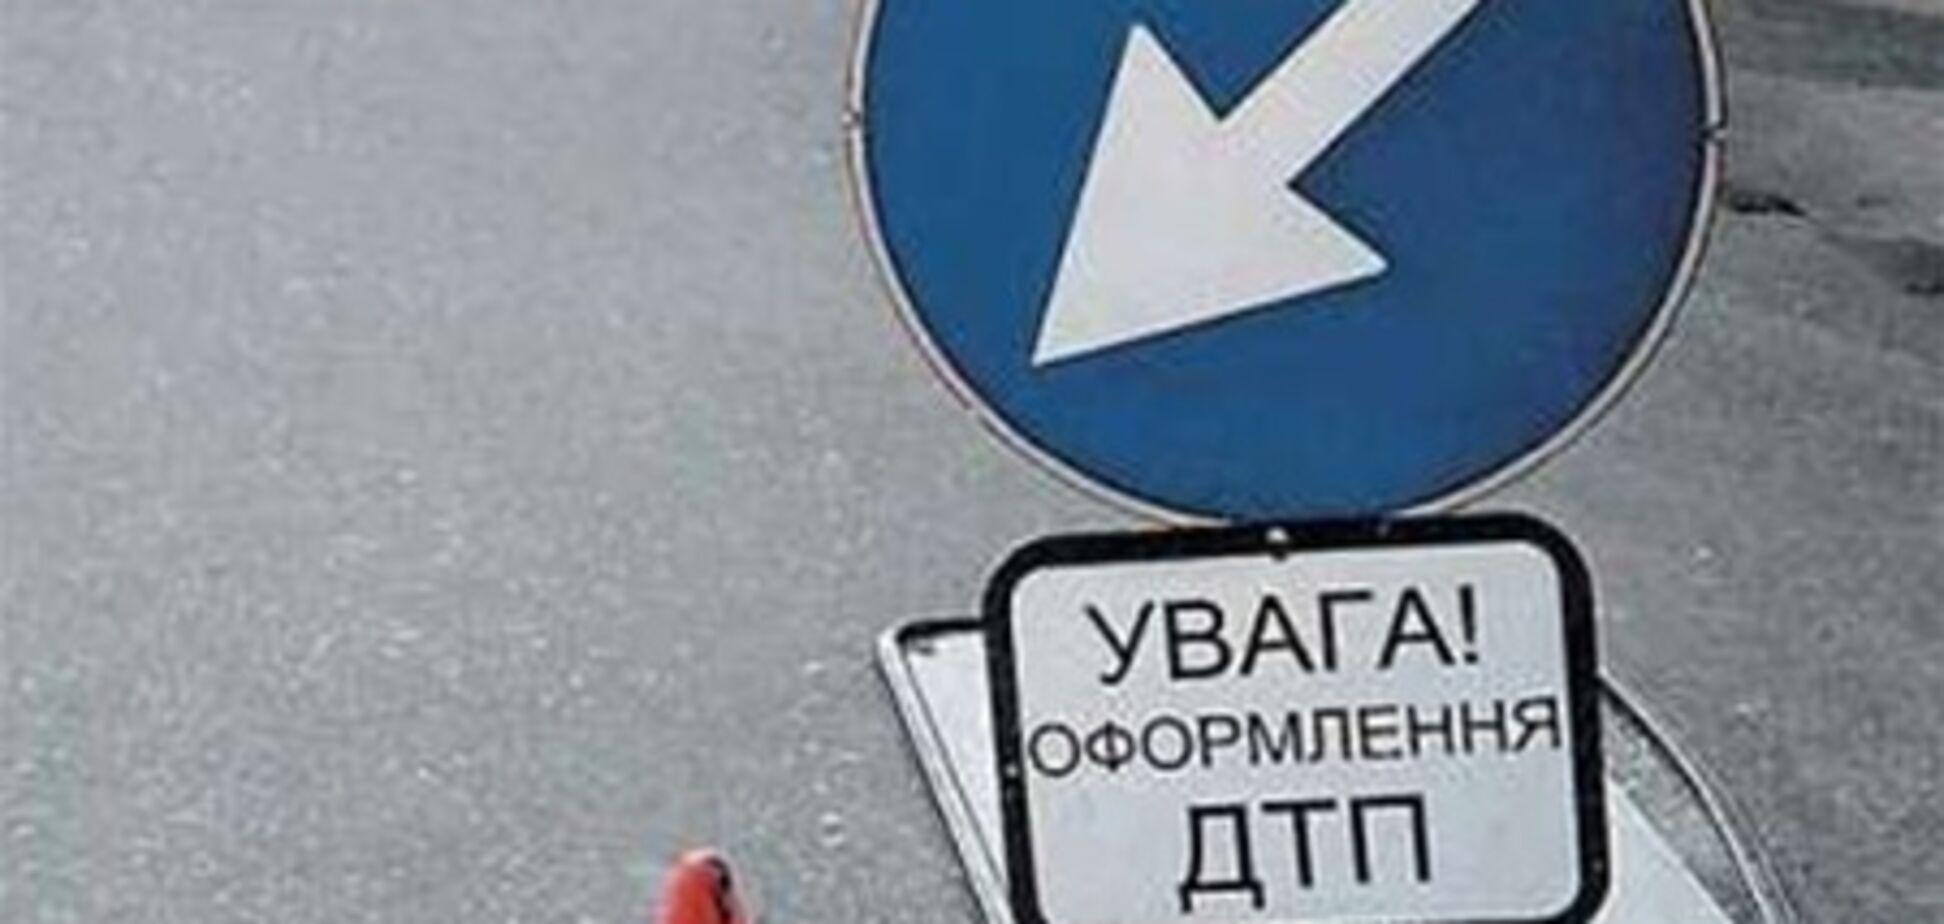 В Киеве произошла массовая авария, есть пострадавшие